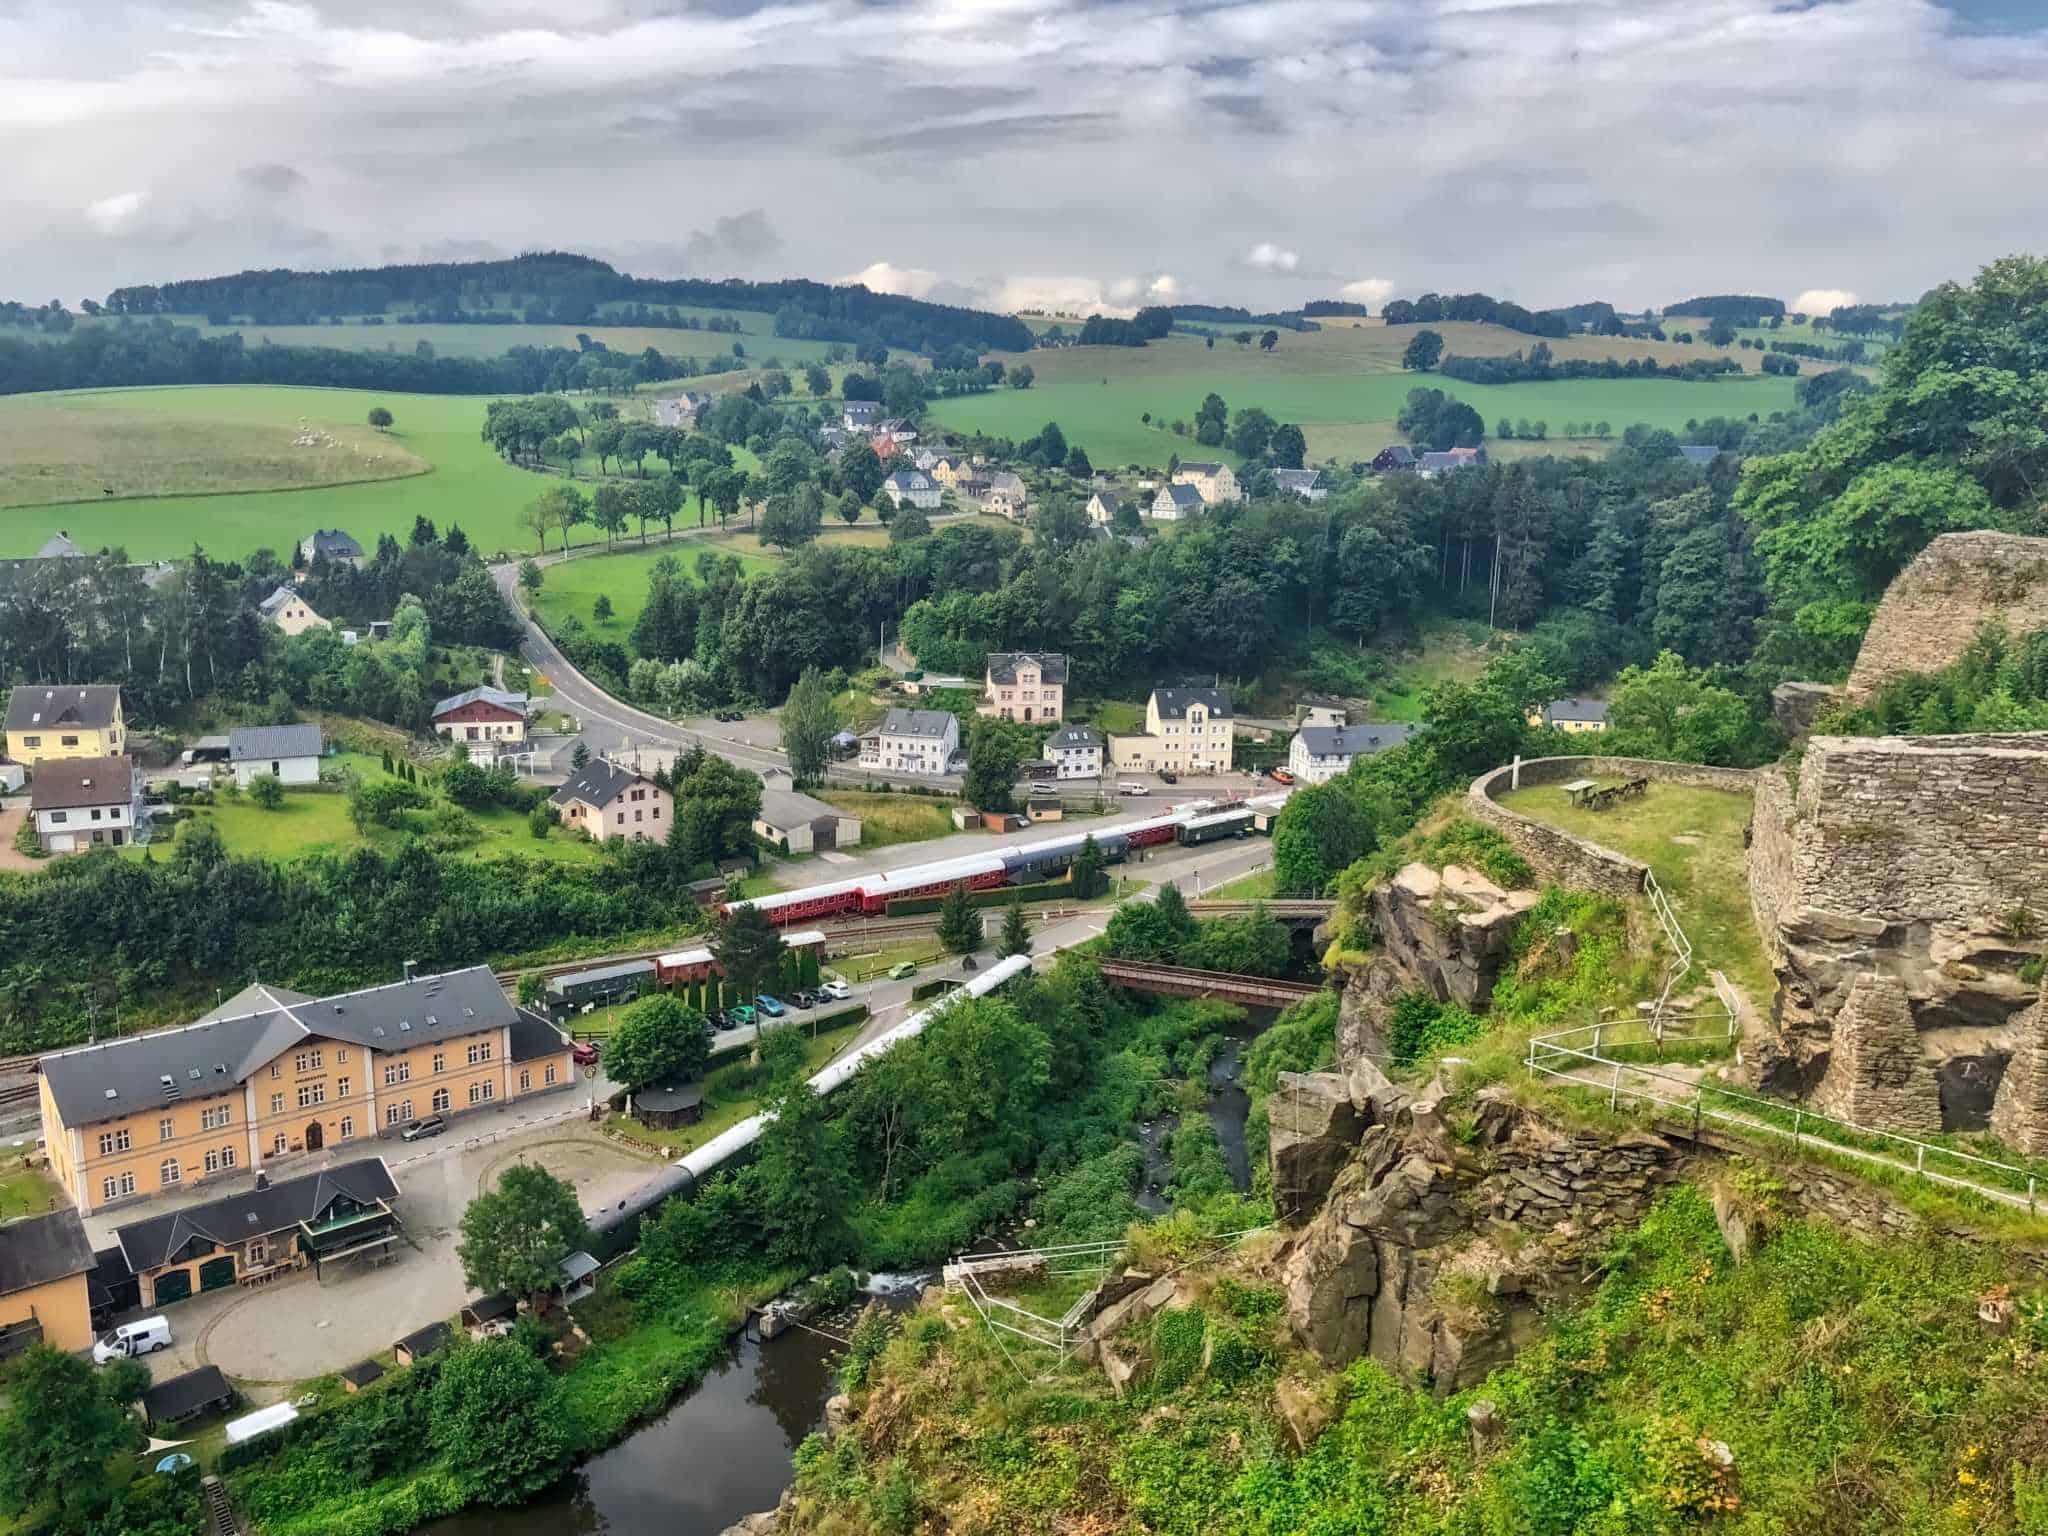 Blick ins Zschopautal vom Schloss Wolkenstein